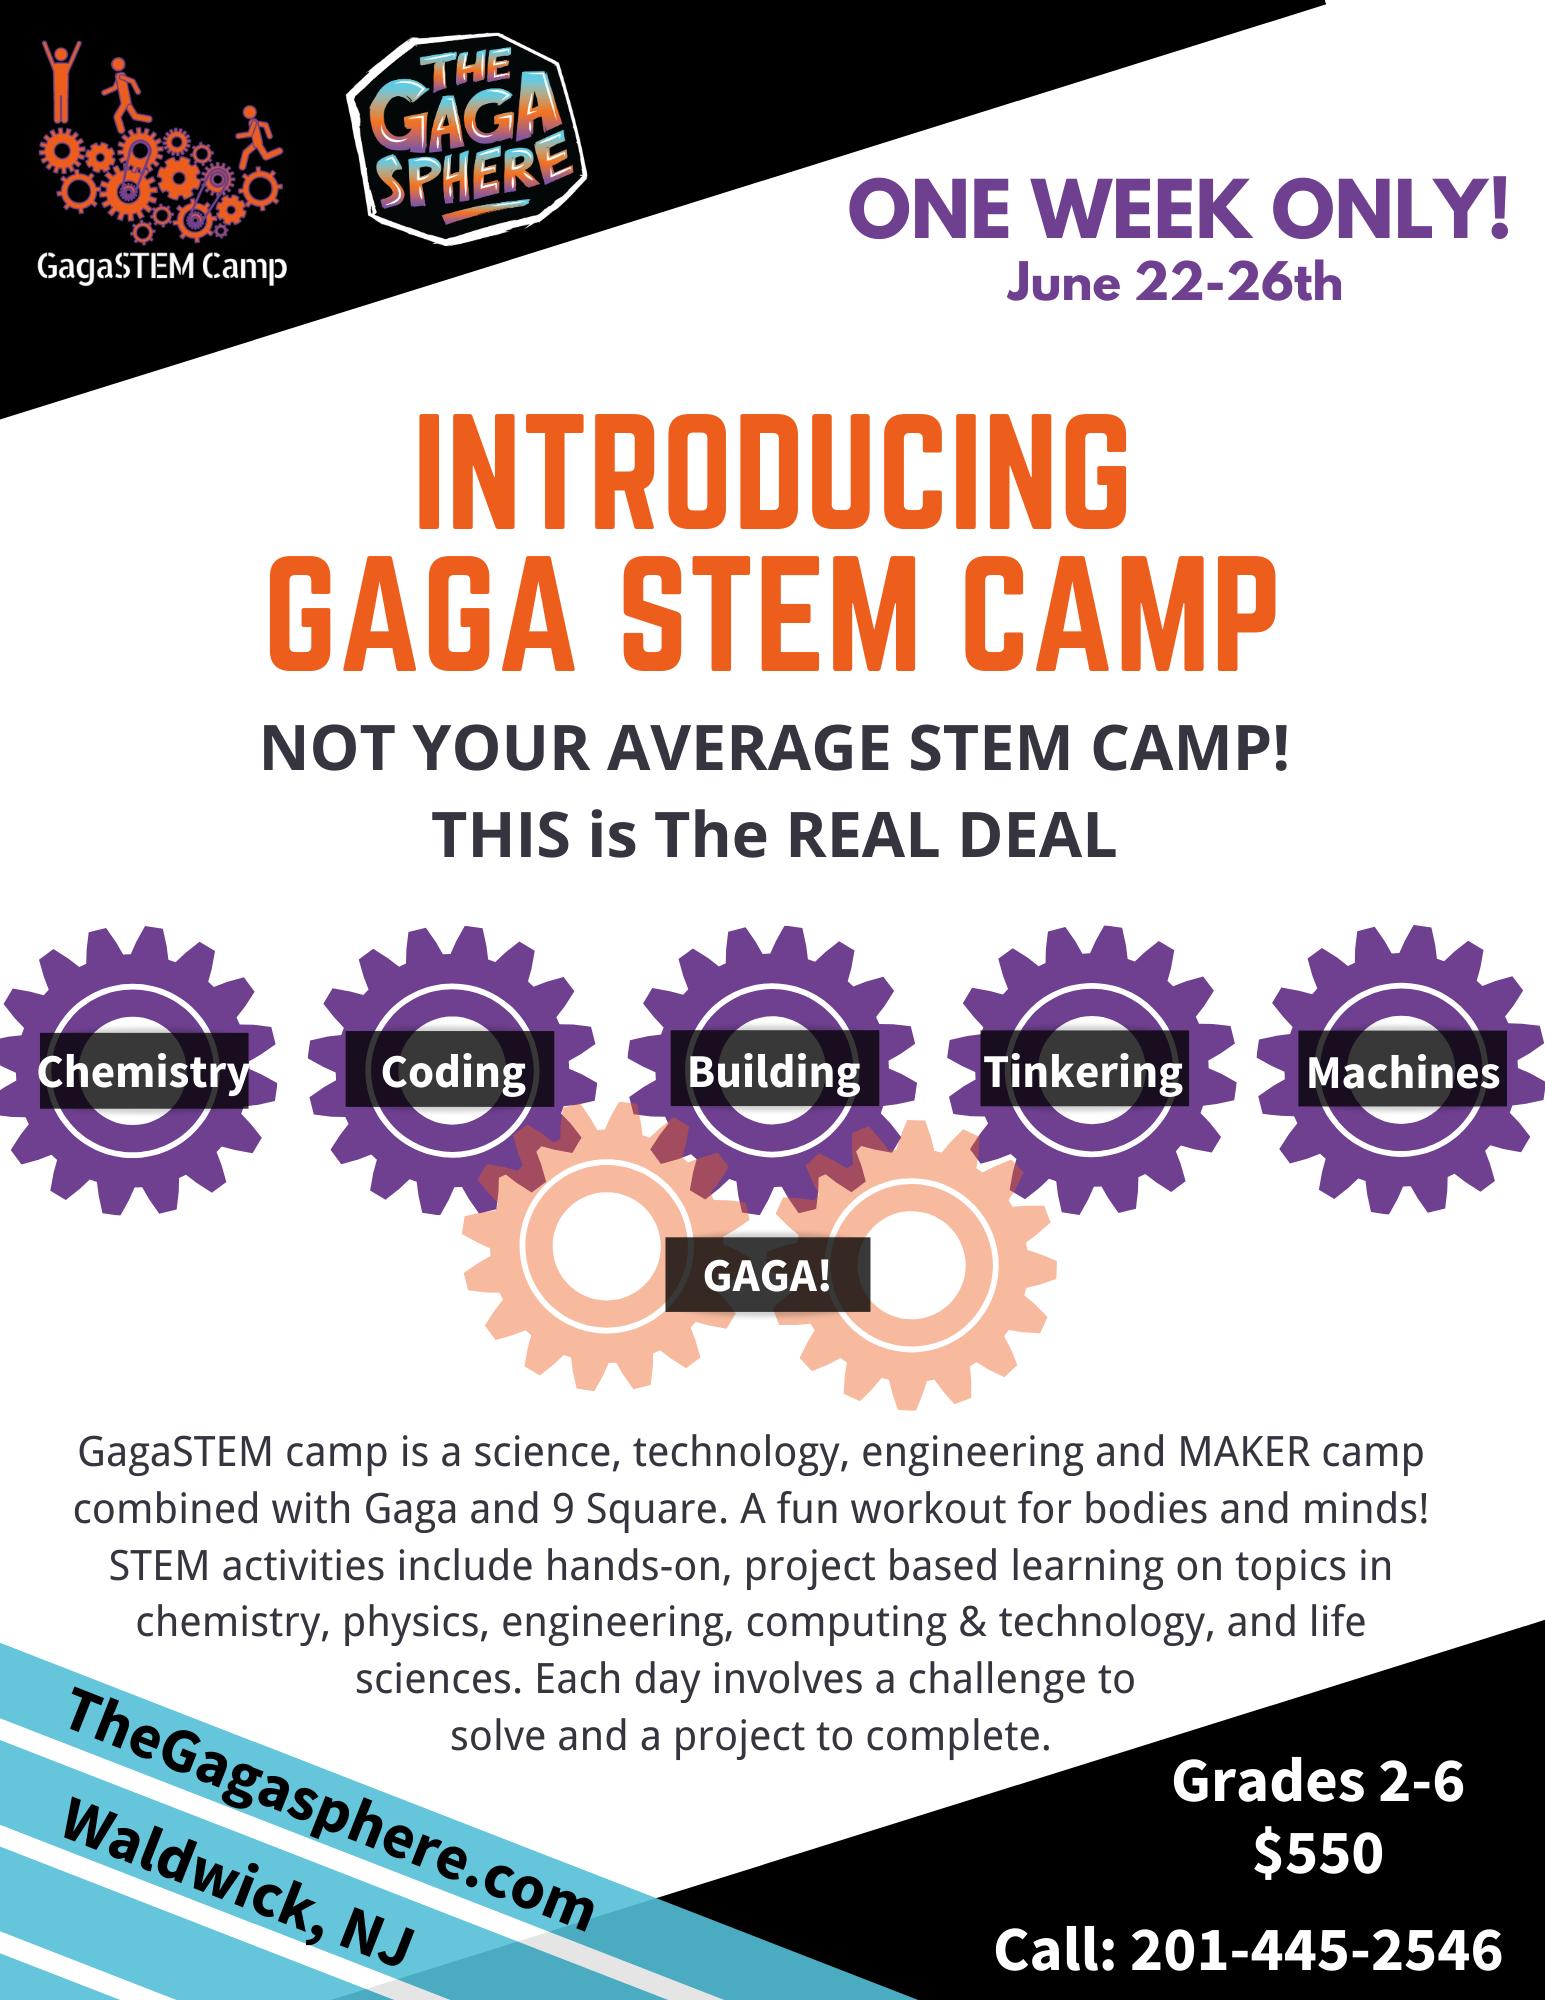 GagaSTEM camp